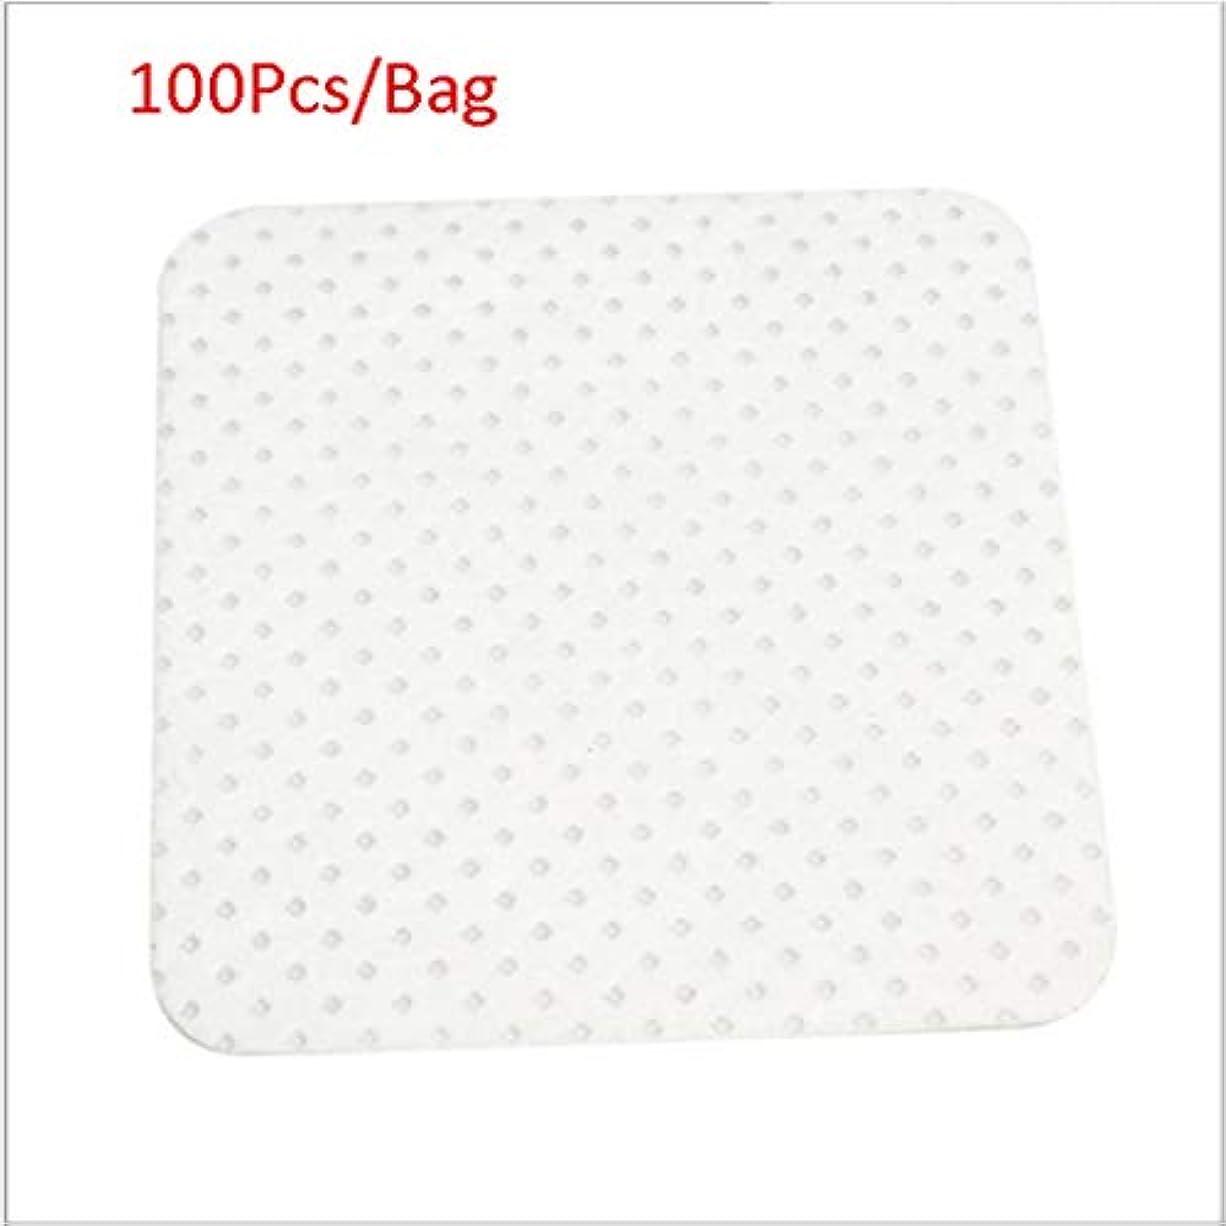 好意私の施しクレンジングシート 100ピース/バッグ使い捨てまつげエクステンションのり取りコットンパッドボトル口拭きパッチメイク化粧品クリーニングツール (Color : White, サイズ : 5*5cm)